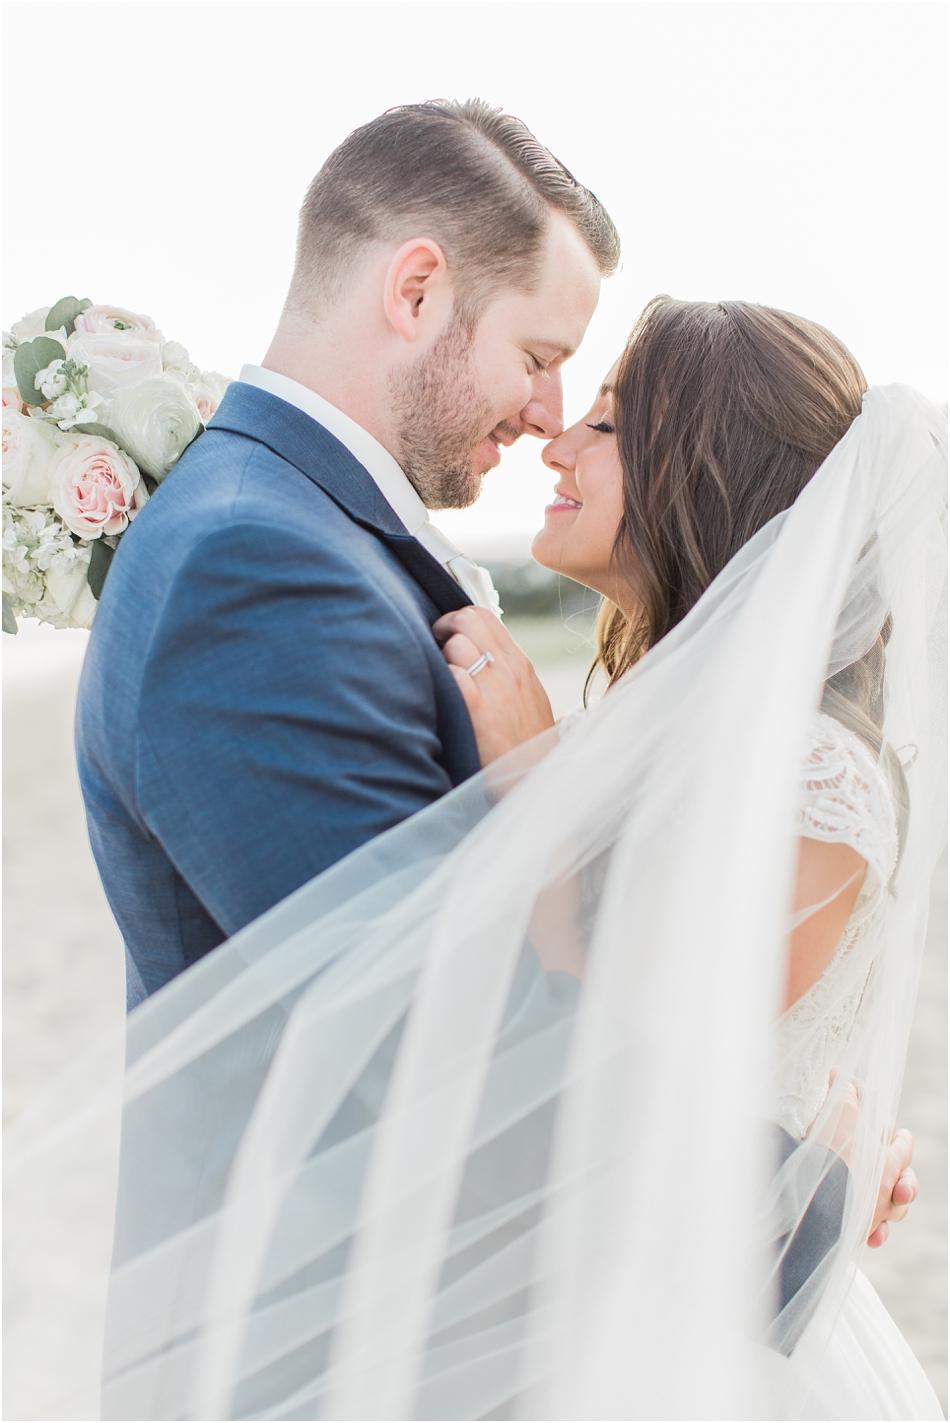 popponessett_inn_new_seabury_natasha_matt_cape_cod_boston_new_england_wedding_photographer_Meredith_Jane_Photography_photo_2451.jpg